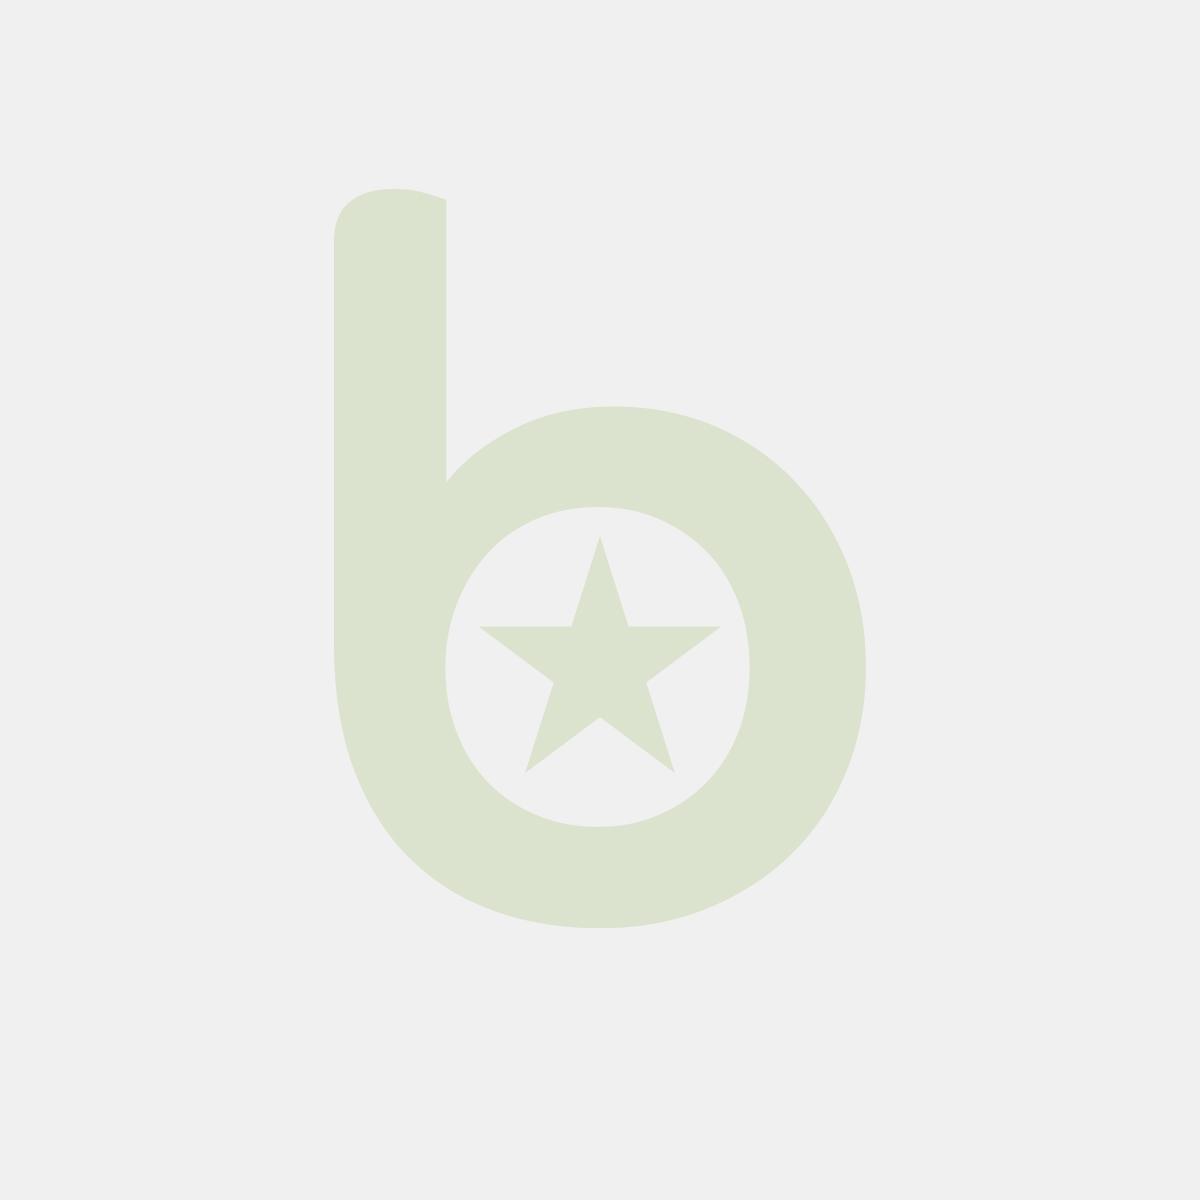 Ekspres do kawy kolbowy HENDI Top Line by Wega 2 grupowy - czarny - kod 208946